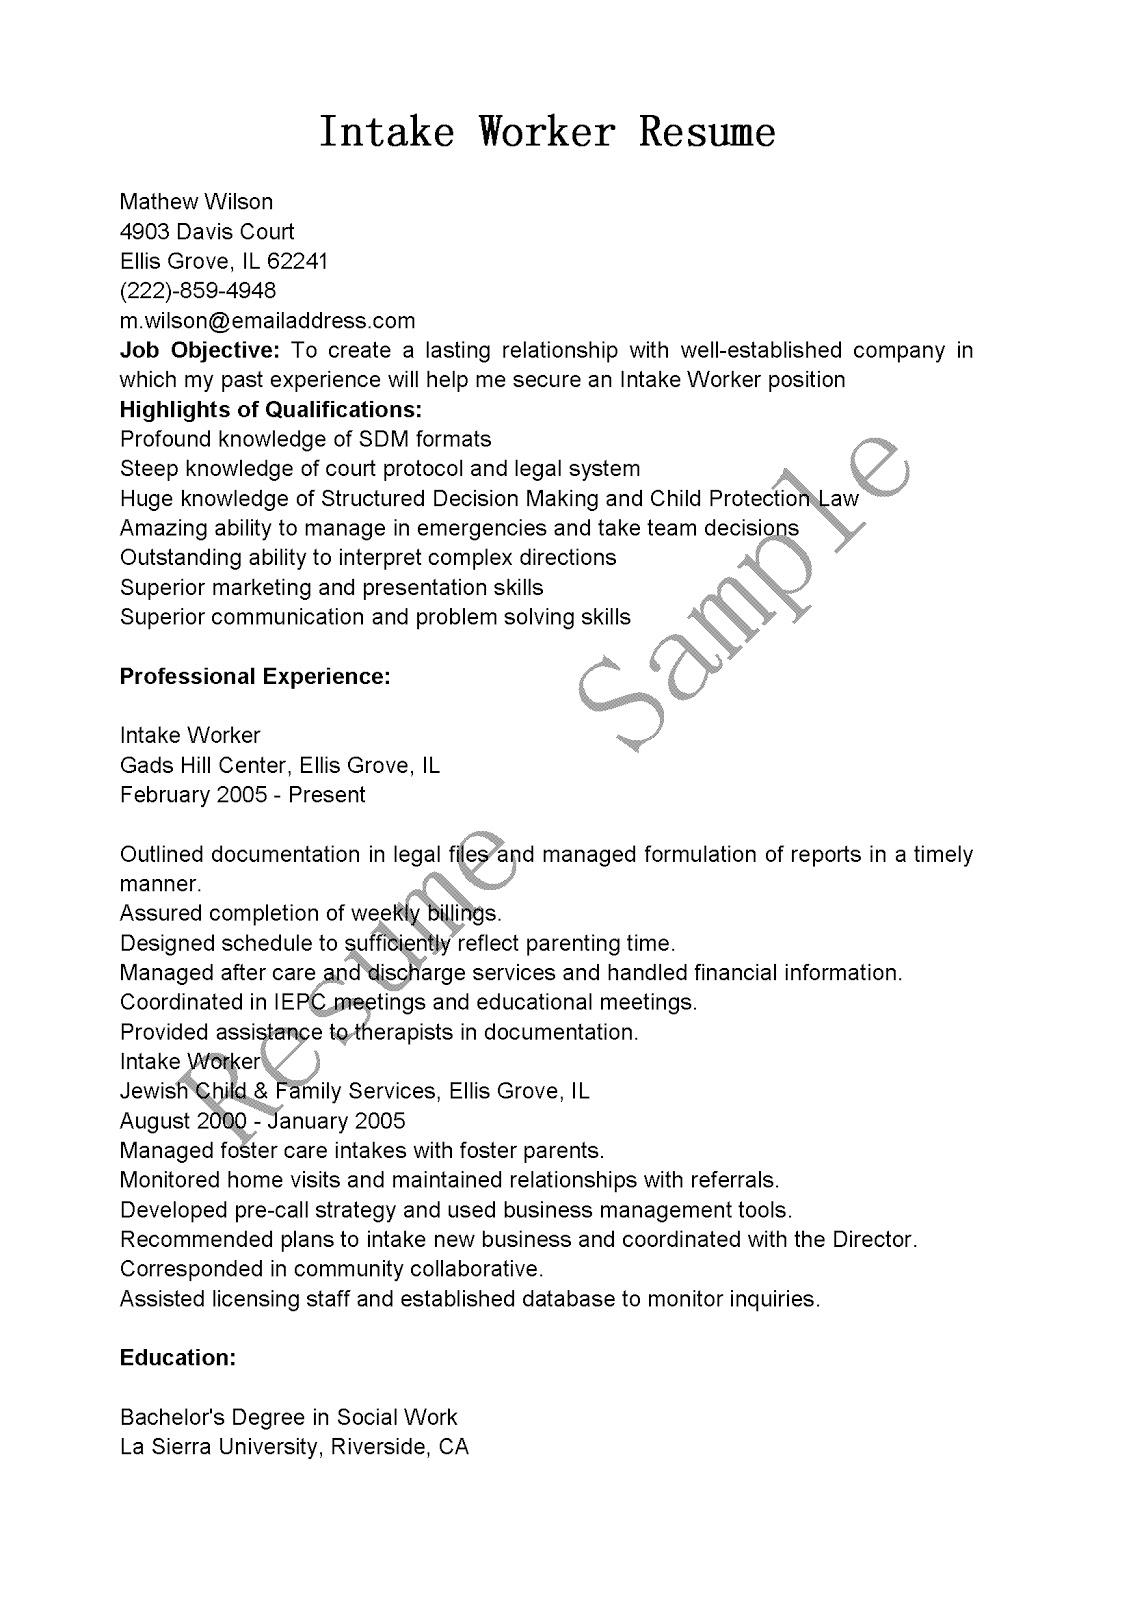 resume samples  intake worker resume sample